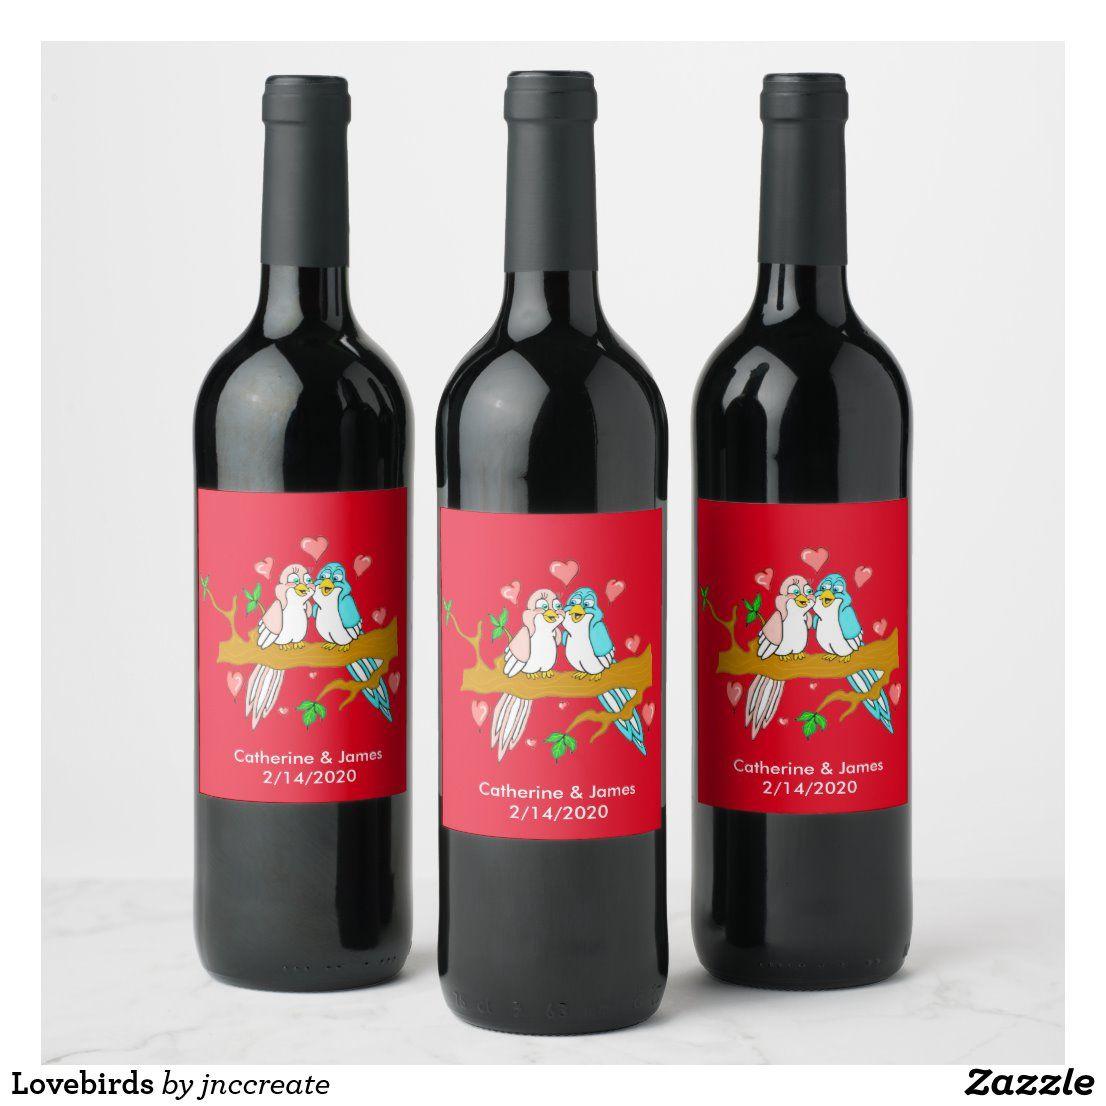 Lovebirds Wine Label Zazzle Com In 2020 Wine Label Wine Wine Bottle Labels